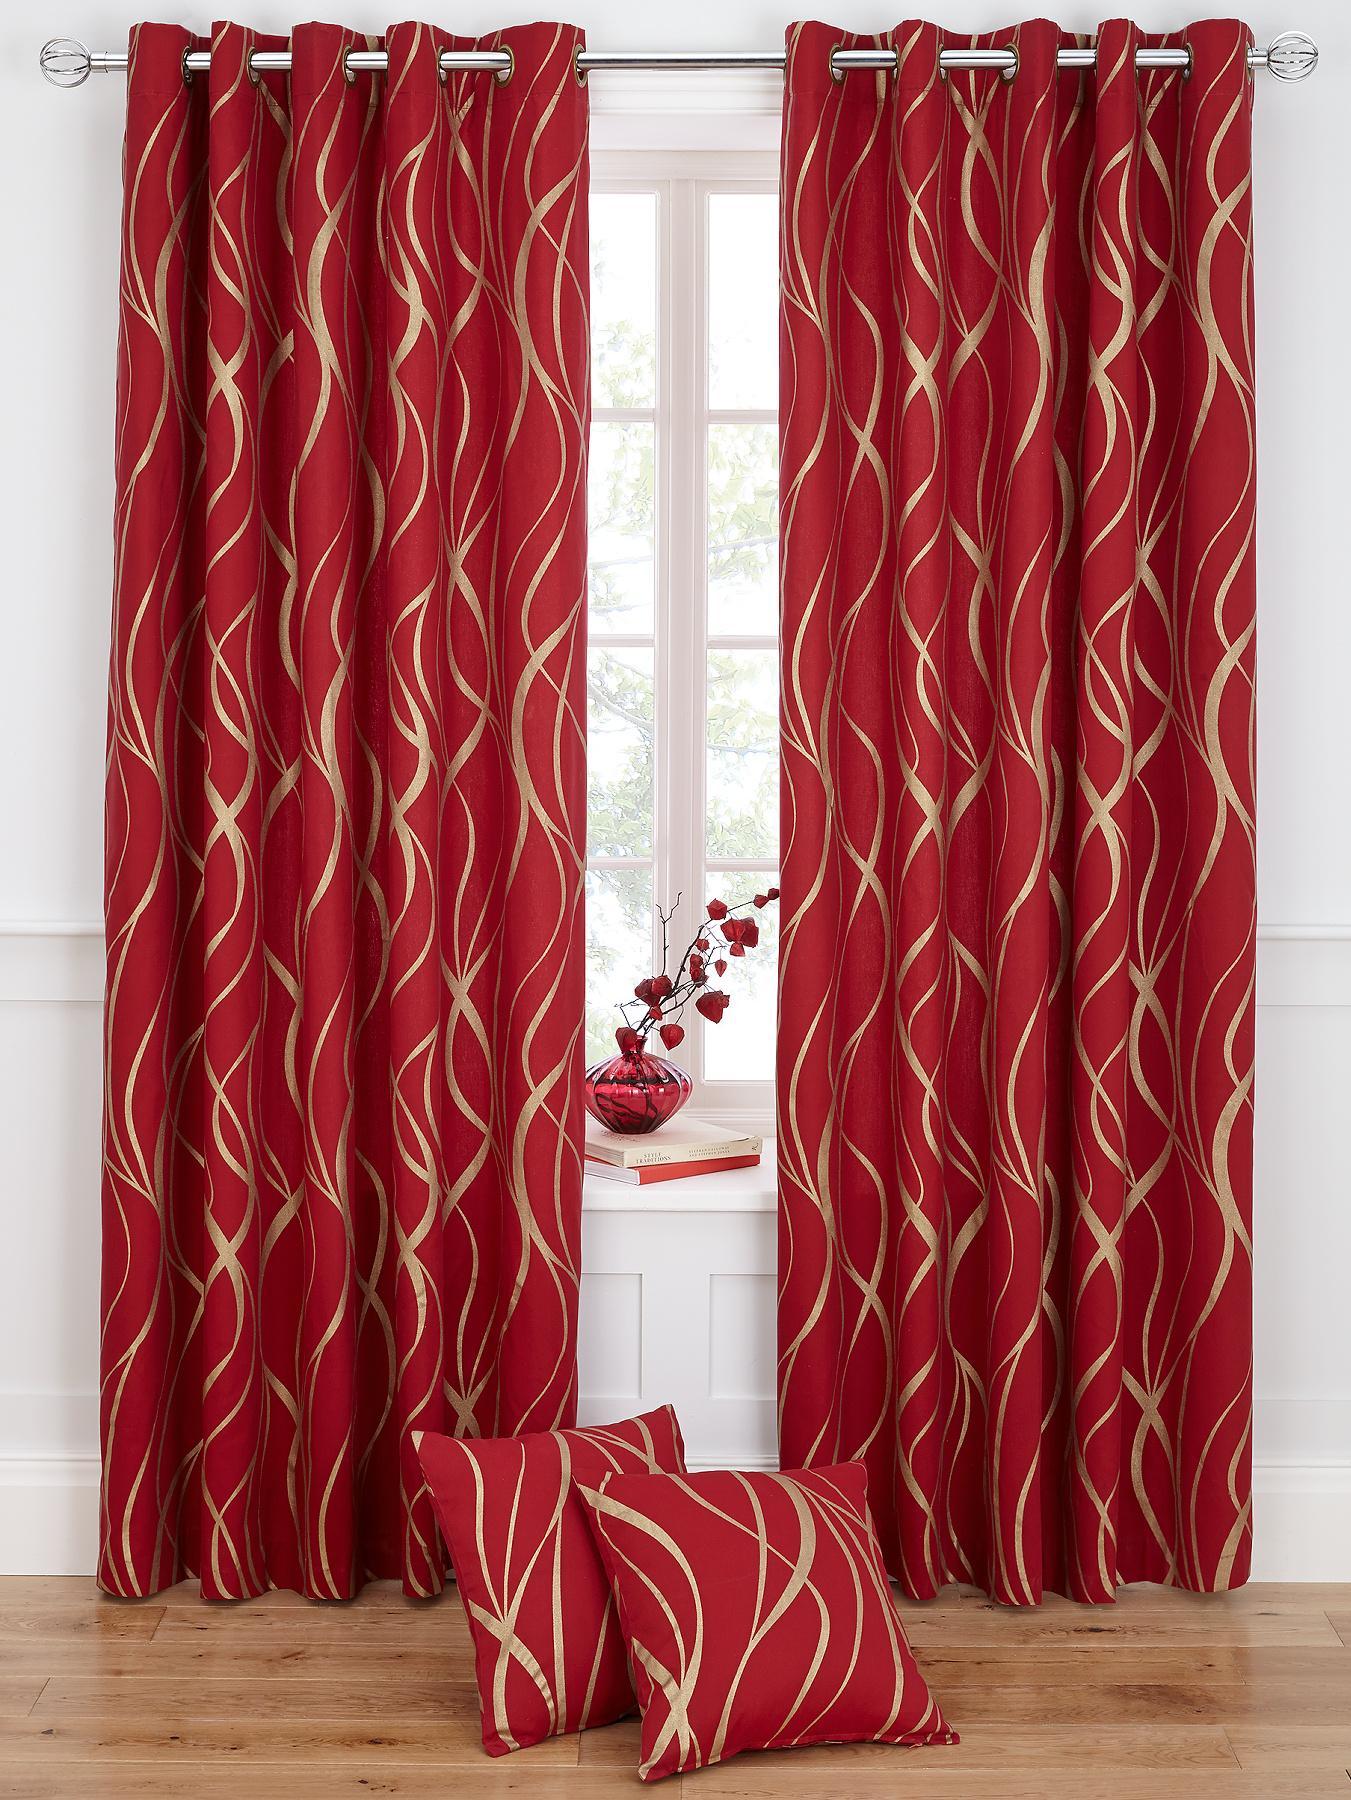 Metallic Swirl Printed Eyelet Curtains Black Chocolate Red